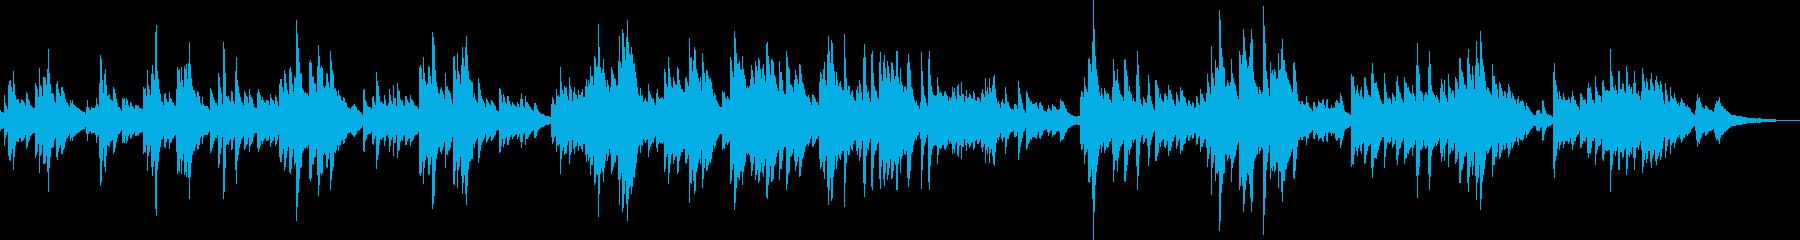 切ないピアノバラード(悲しい・悲劇)の再生済みの波形